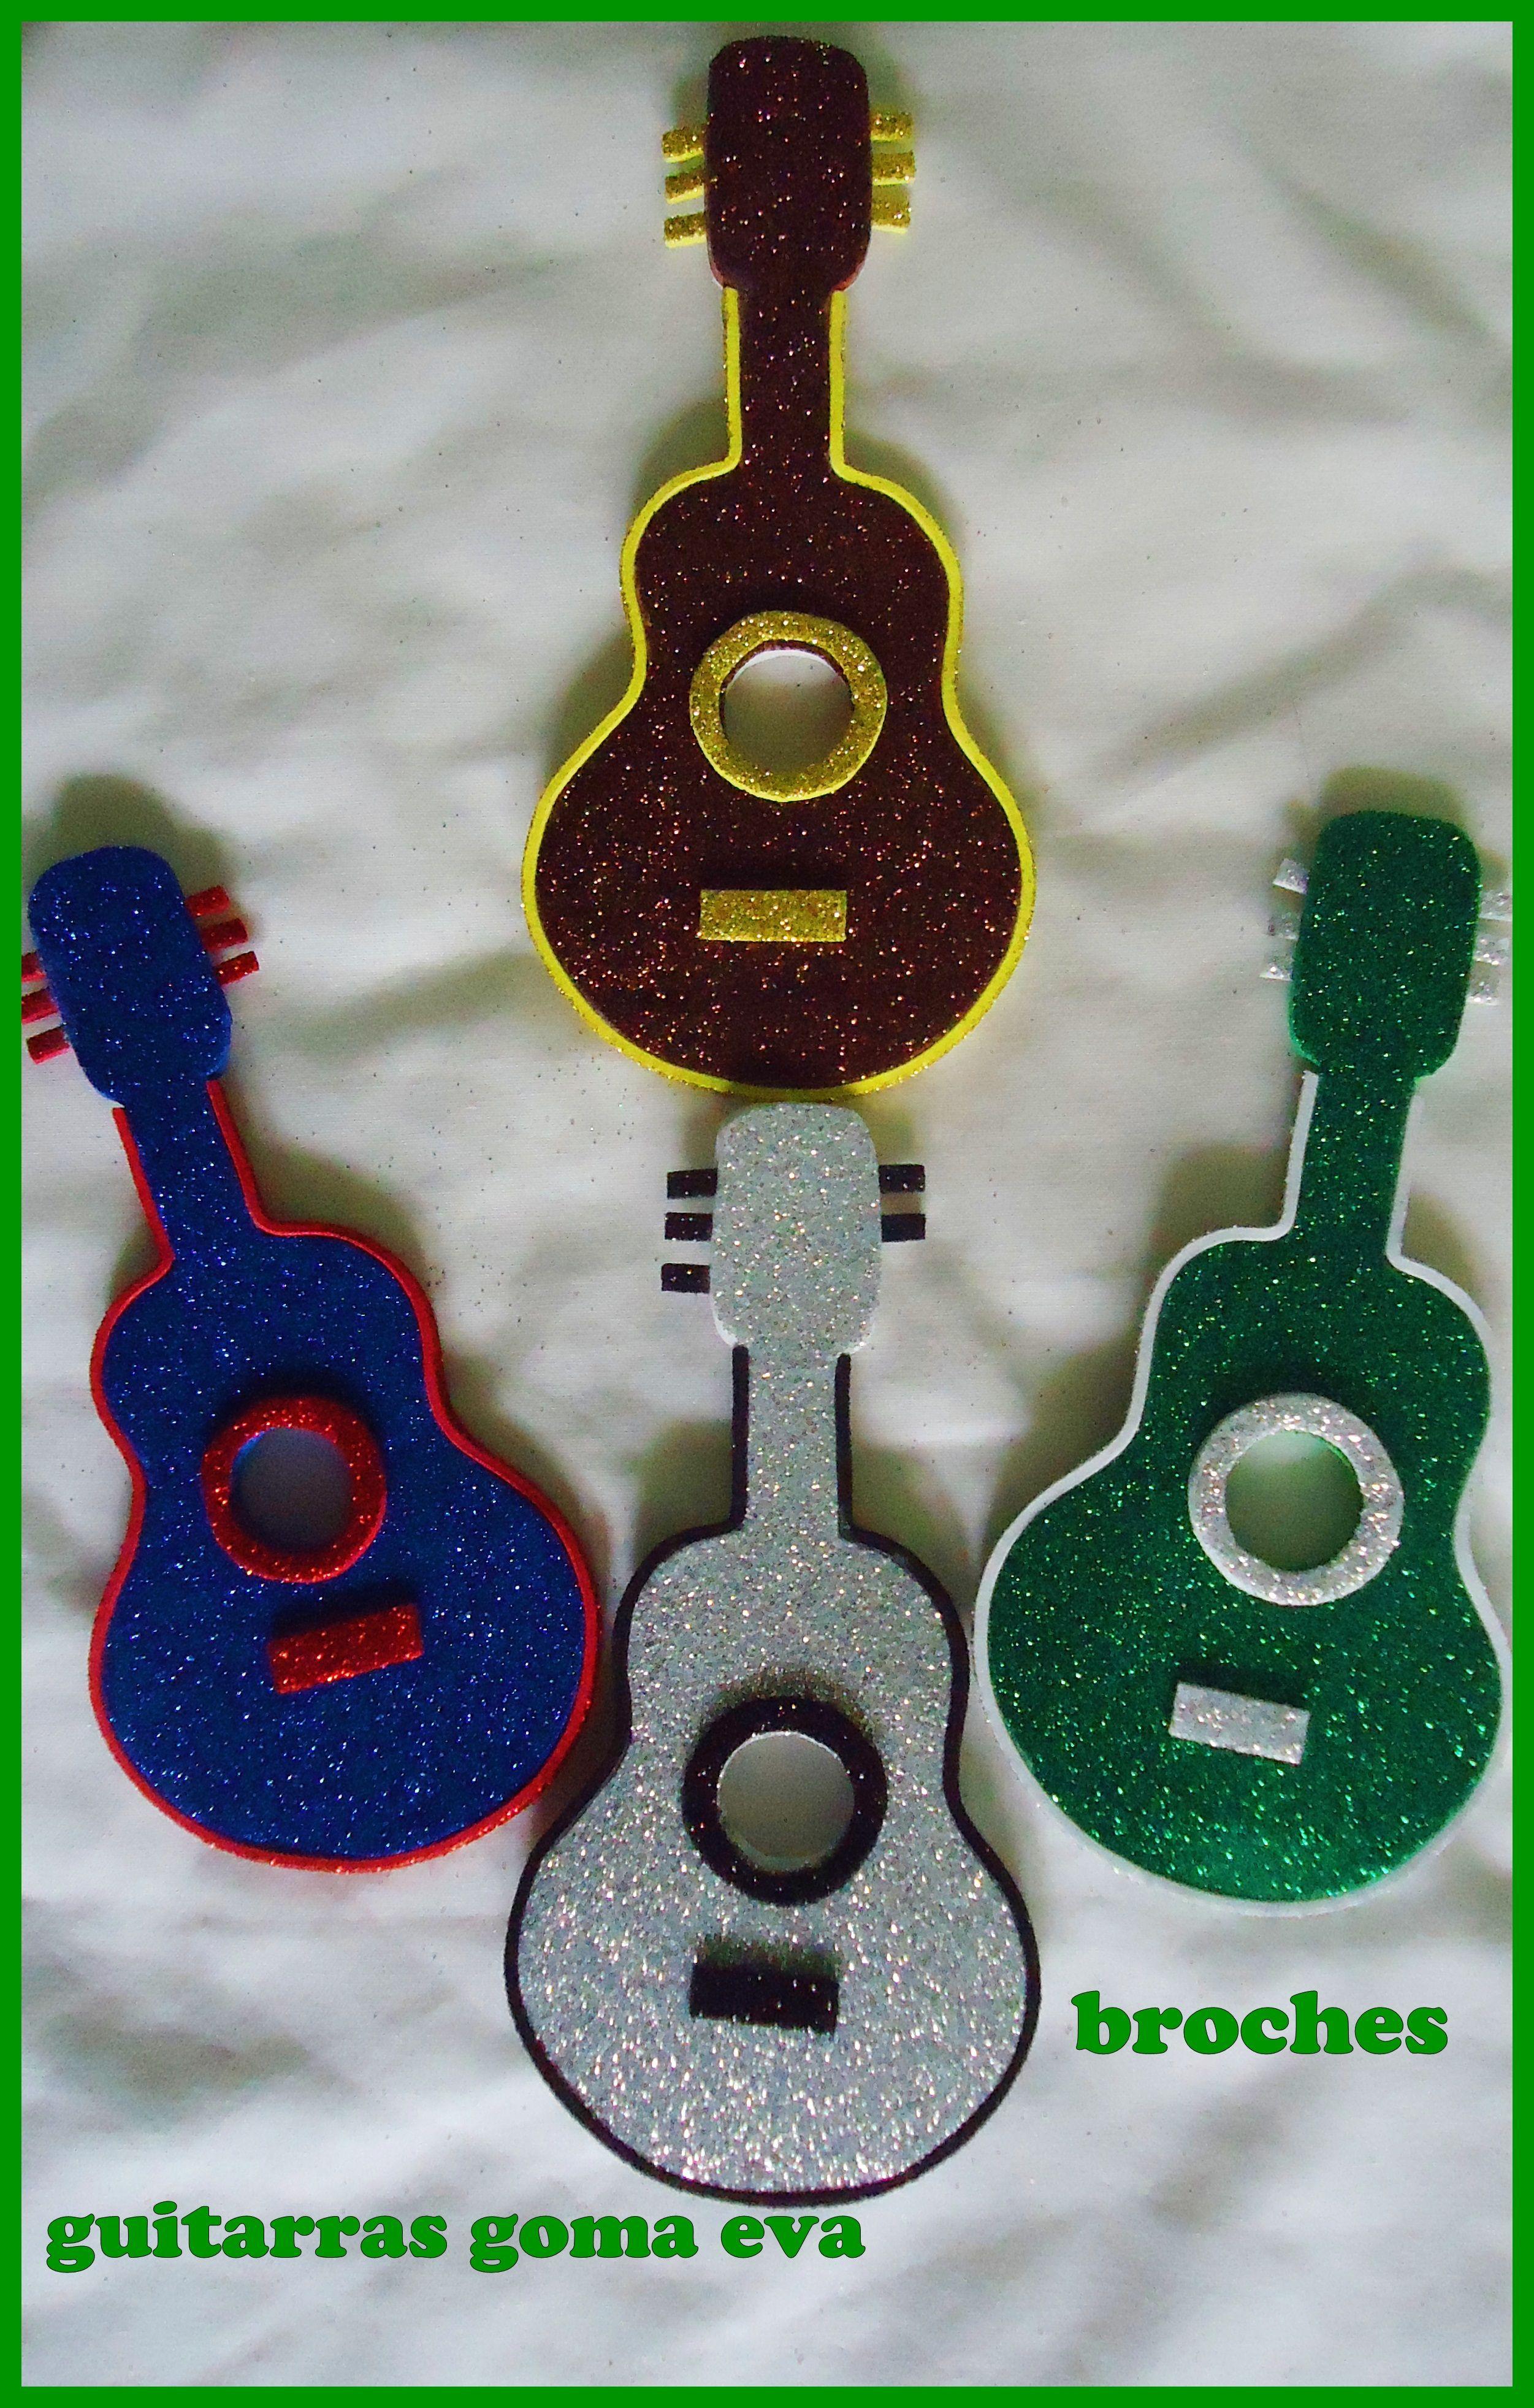 broches de guitarras en goma eva Detalles en goma eva Pinterest